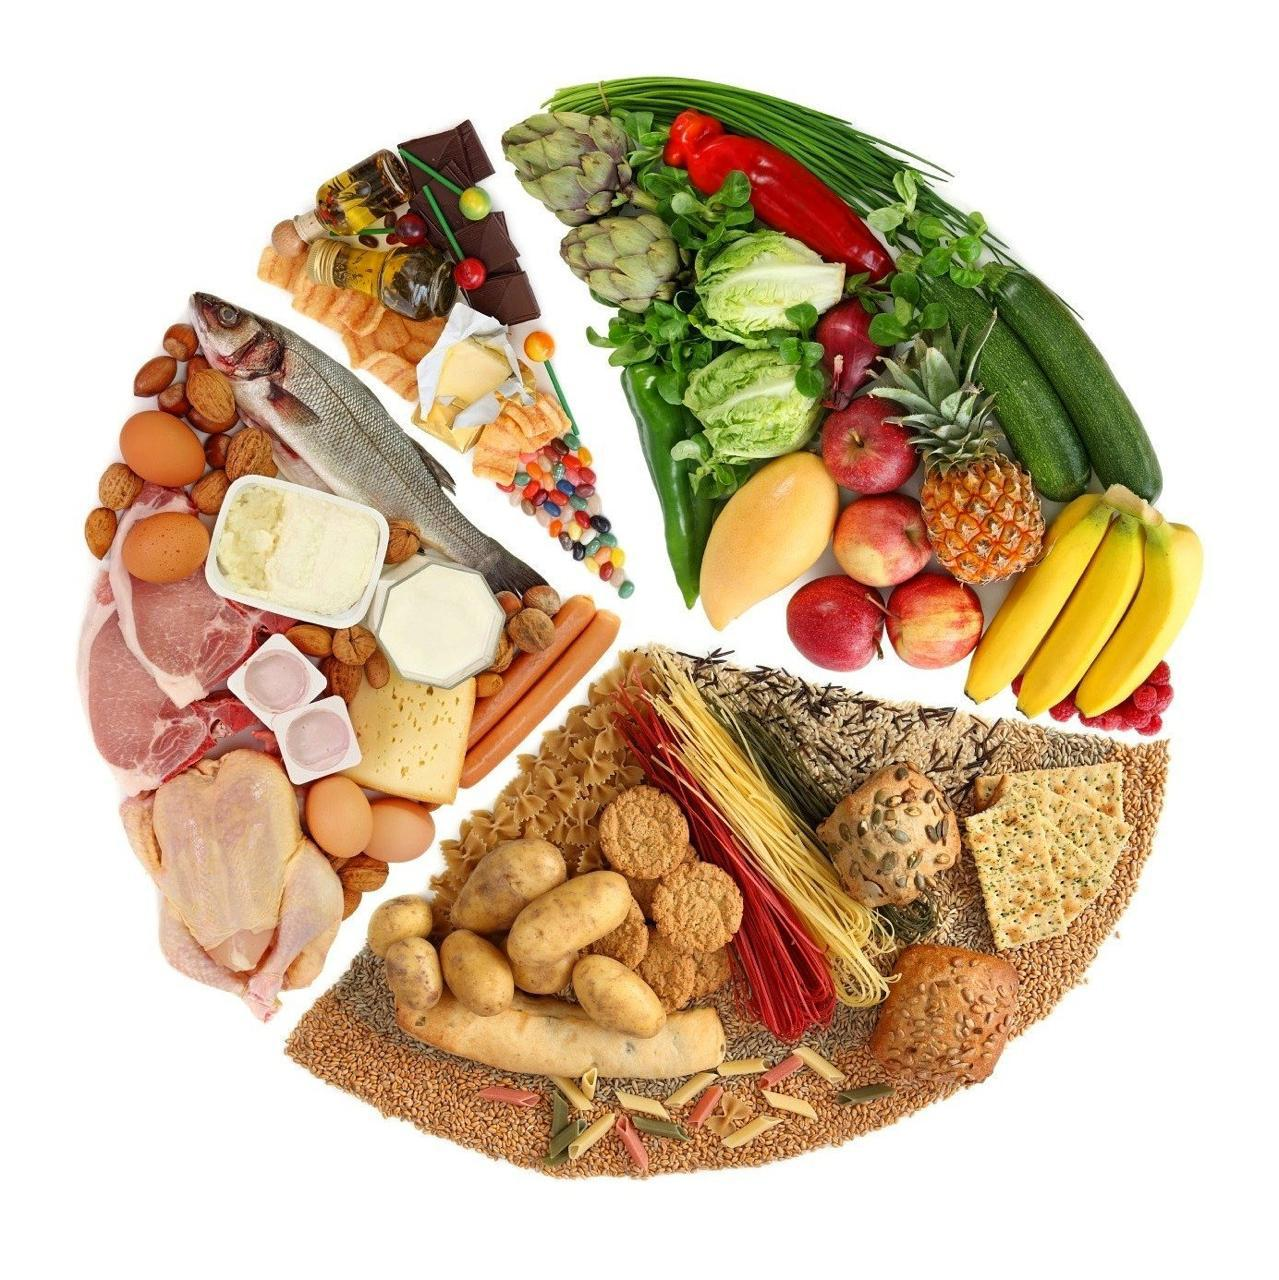 Что такое правильное питание - меню на каждый день правильное питание - меню на каждый день, на неделю, правильный рацион, режим, здоровая пища, примеры